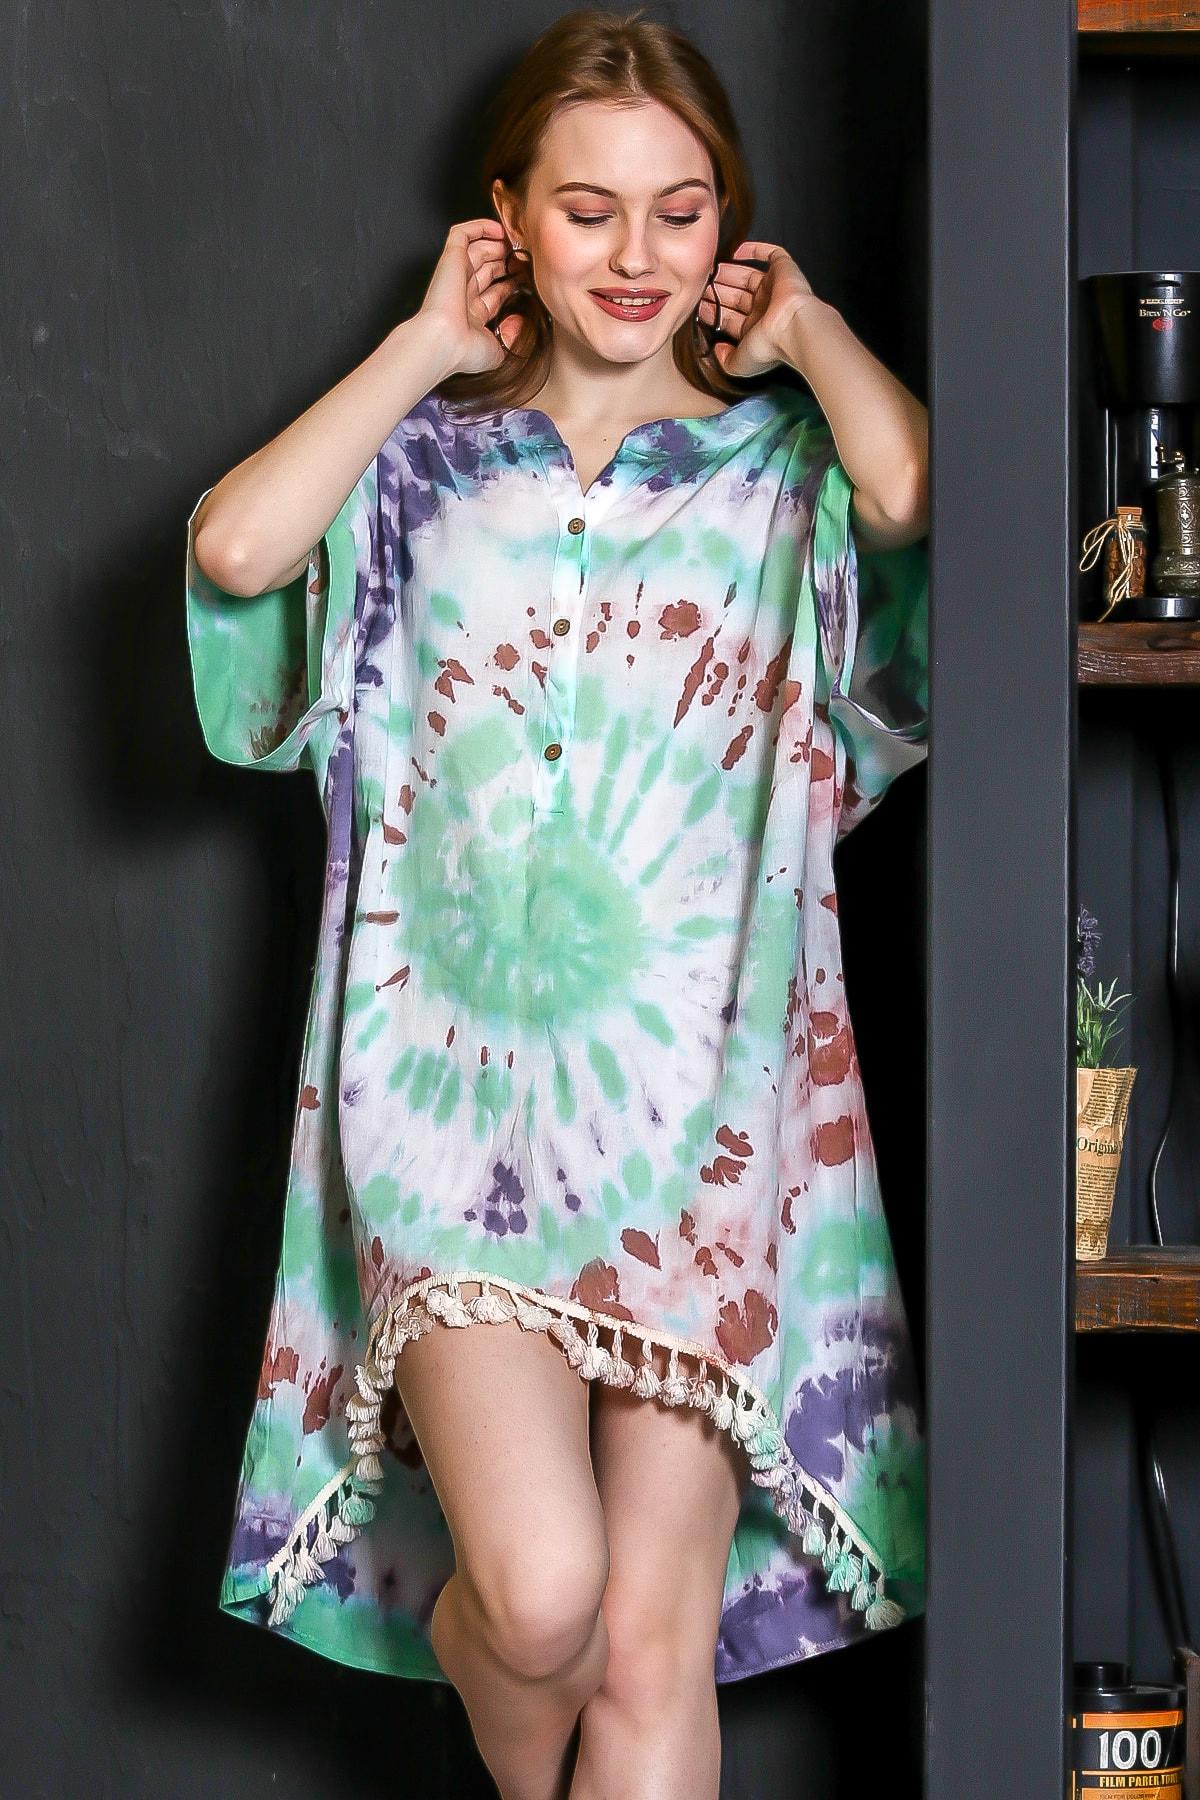 Chiccy Kadın Yeşil Patı Düğmeli Etek Ucu Püsküllü Batik Desen Salaş Elbise M10160000EL95224 0